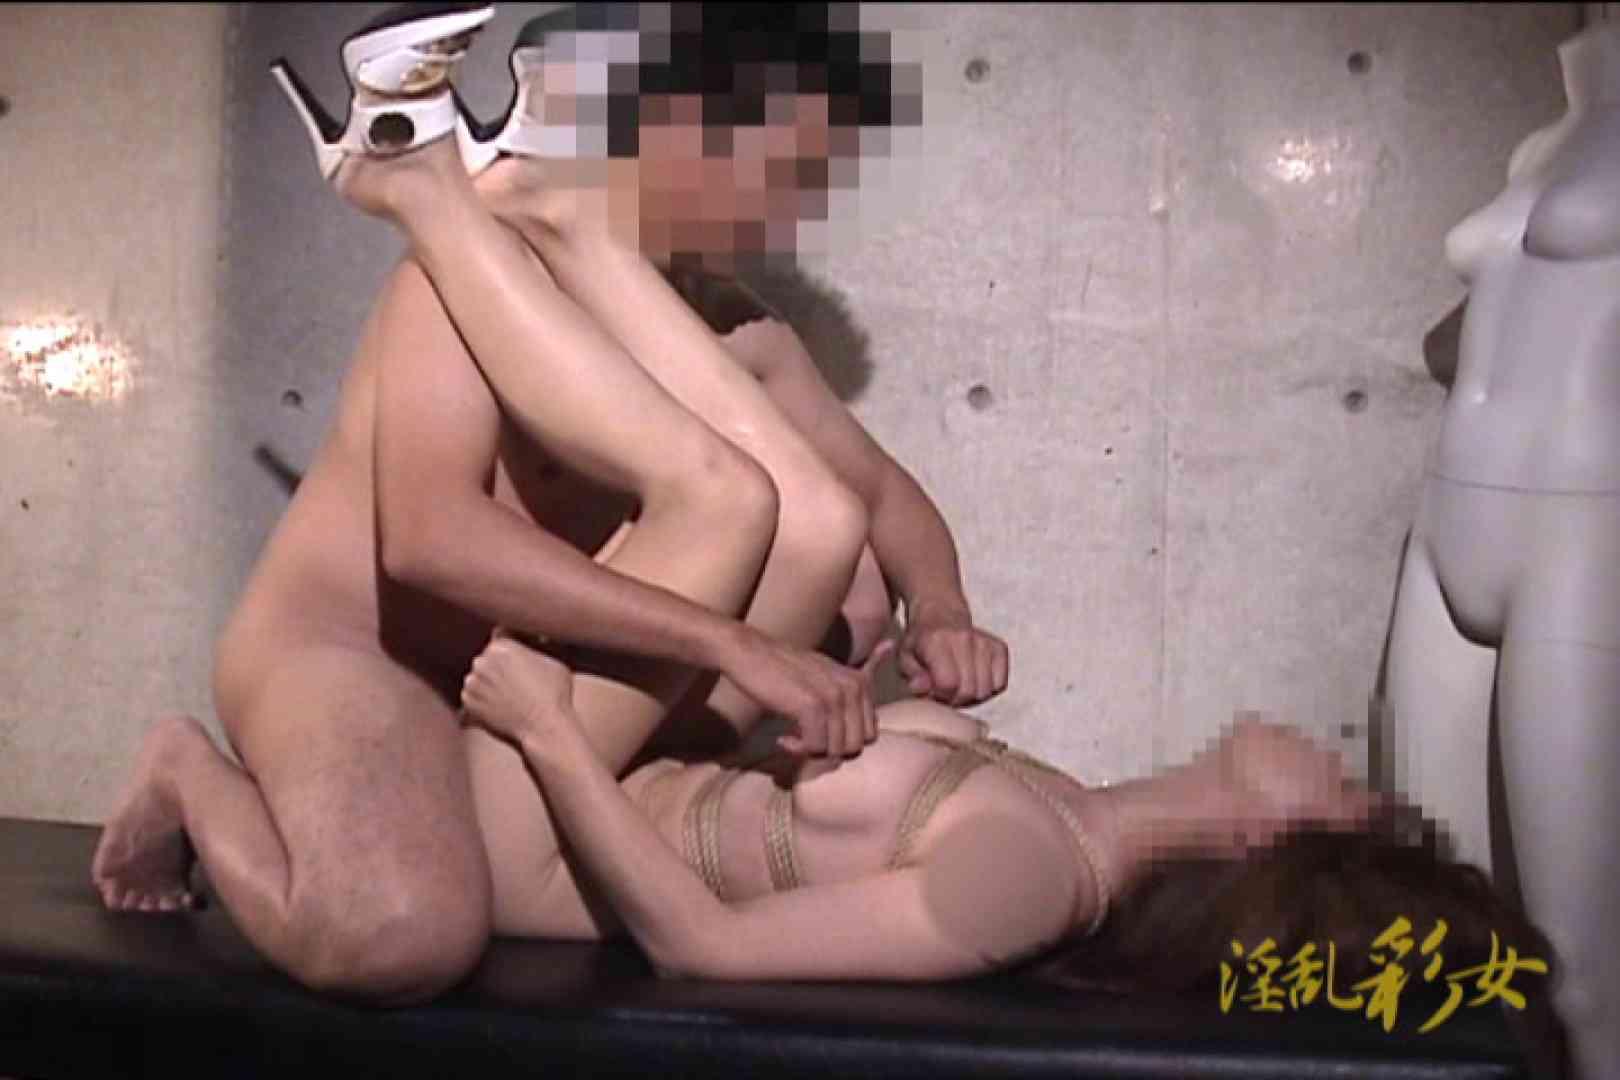 淫乱彩女 麻優里 スタジオで撮影 淫乱  59連発 35